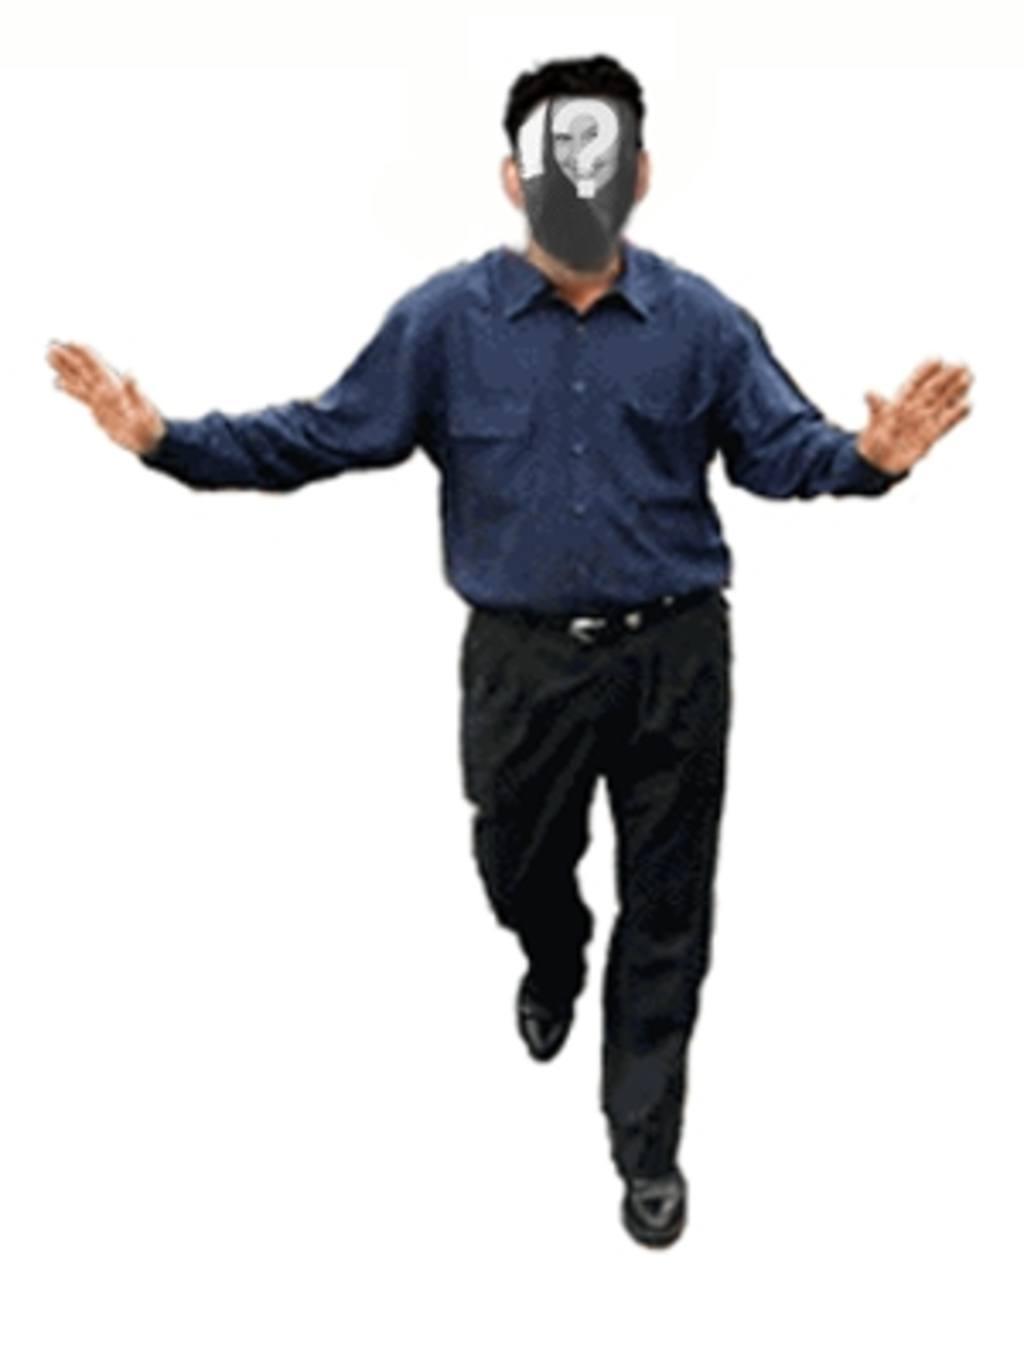 Animação de um homem dançando para colocar a sua foto no seu rosto